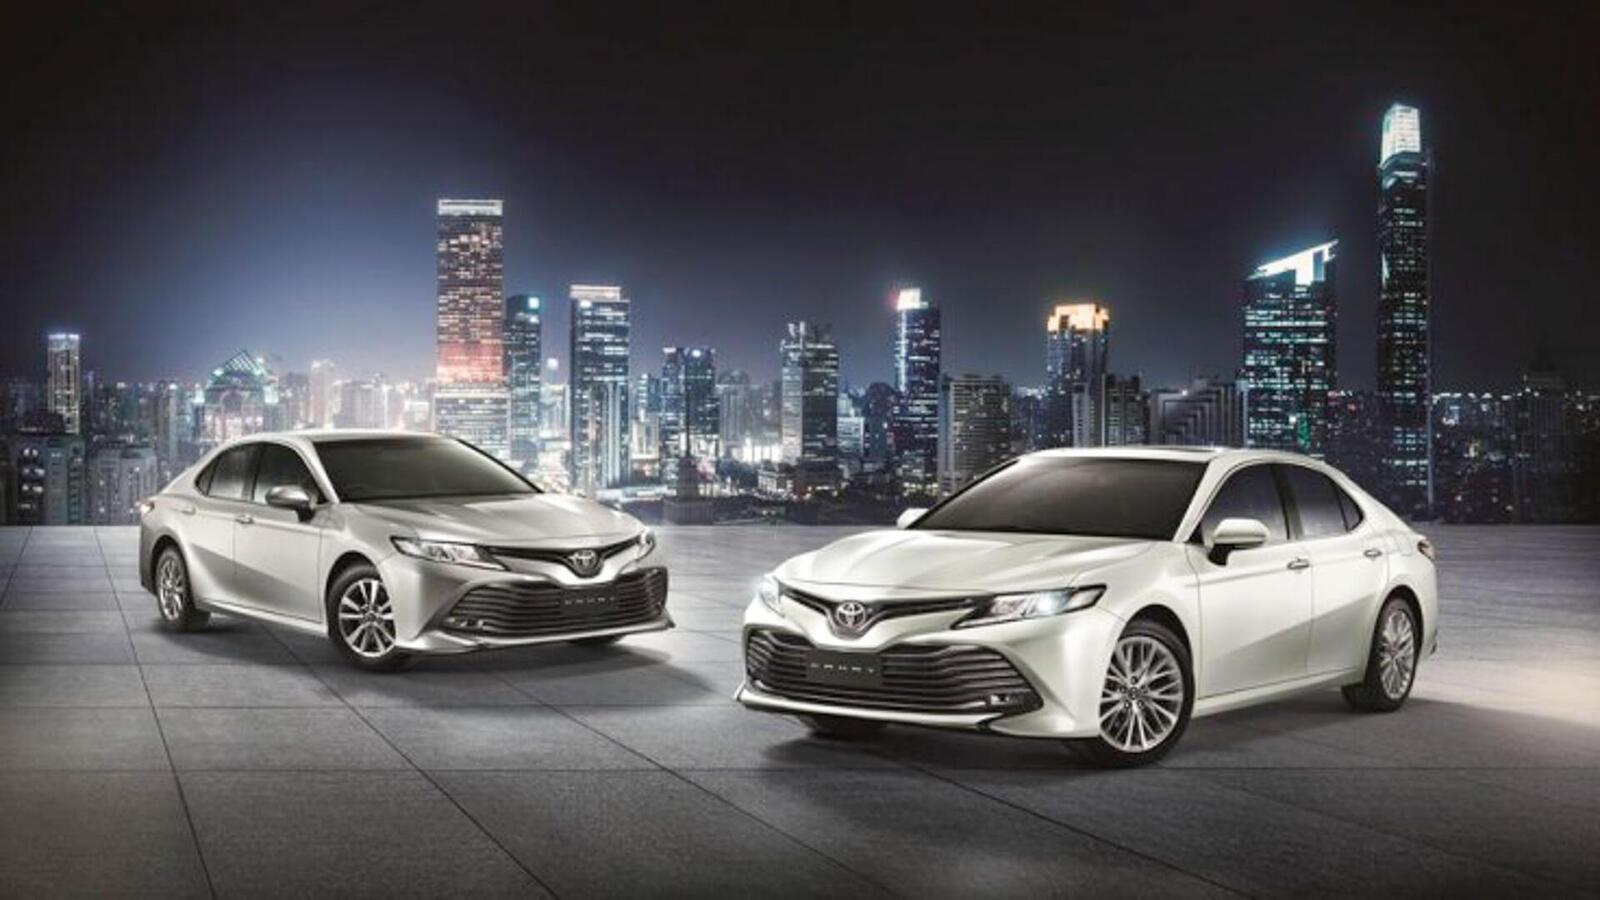 Toyota Camry thế hệ mới đã về đến Việt Nam - Chuẩn bị ra mắt công chúng - Hình 7